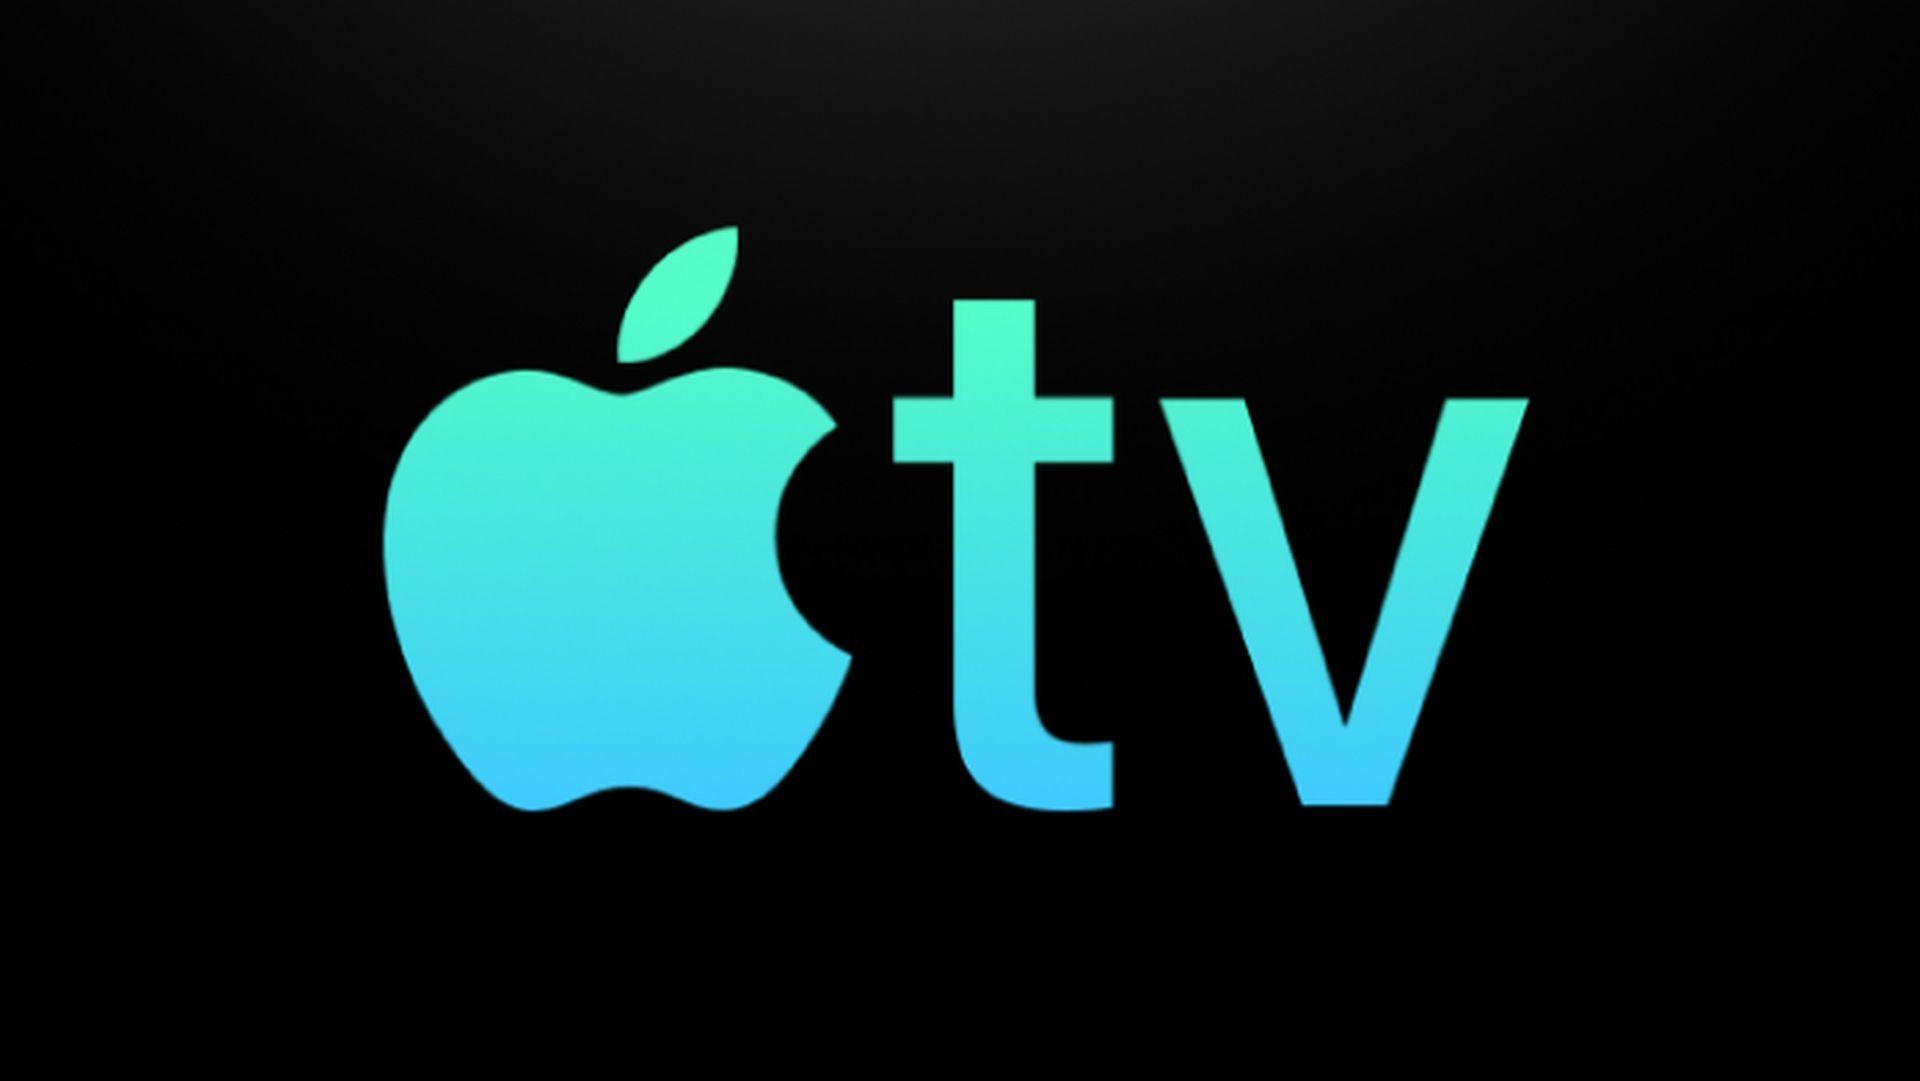 Aplikacja Apple TV na telewizorach LG, Sony, VIZIOO i Amazon Fire TV